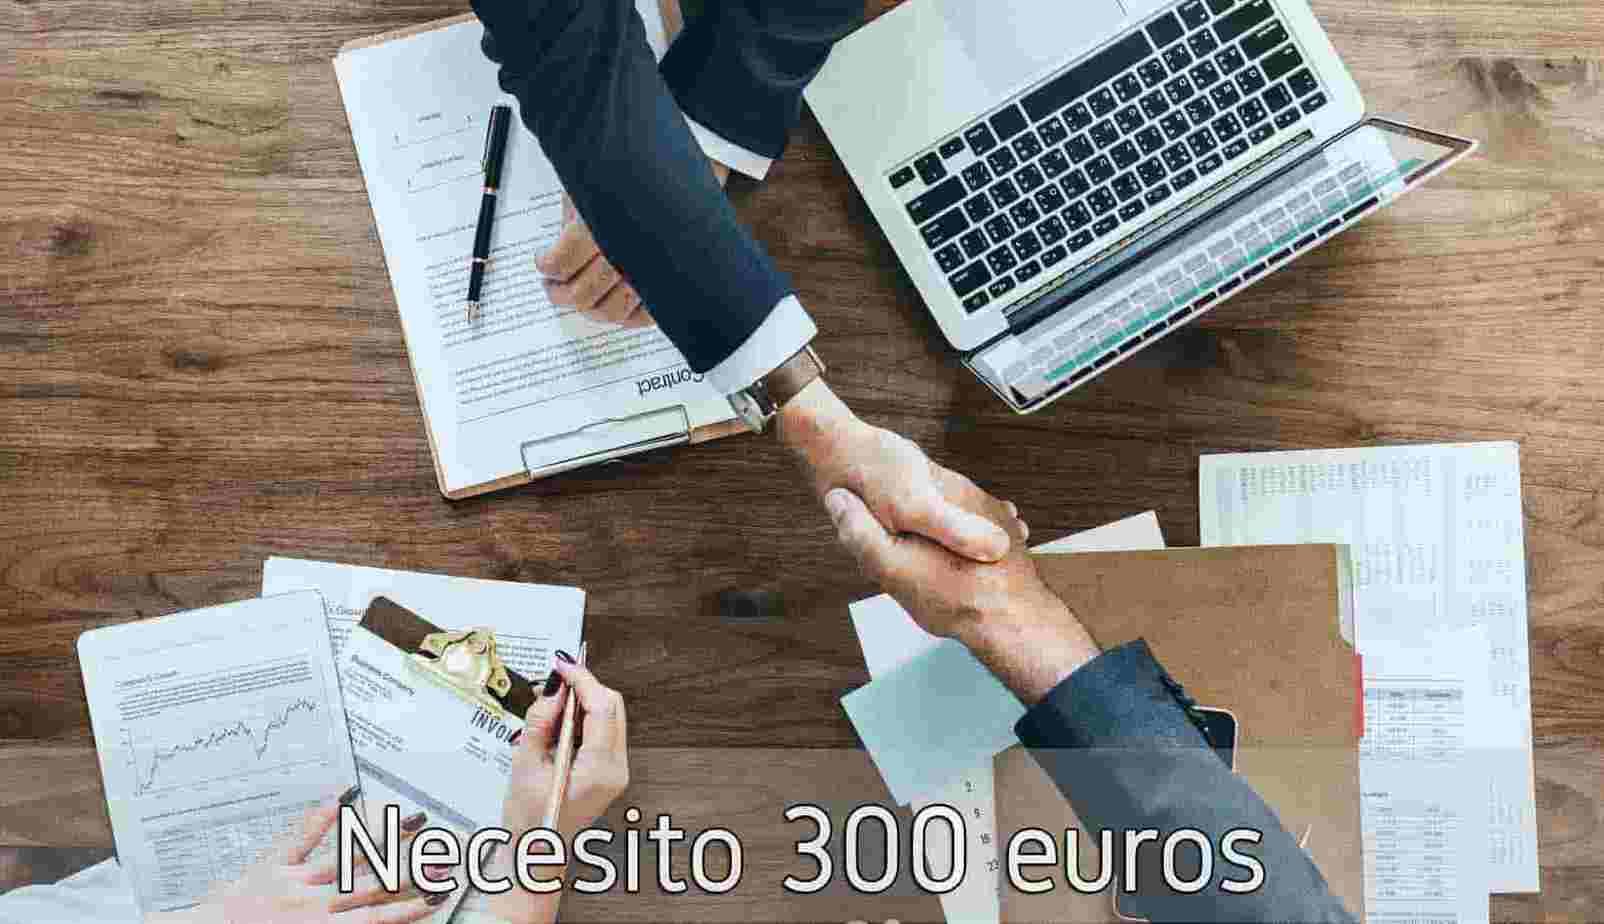 Necesito 300 euros